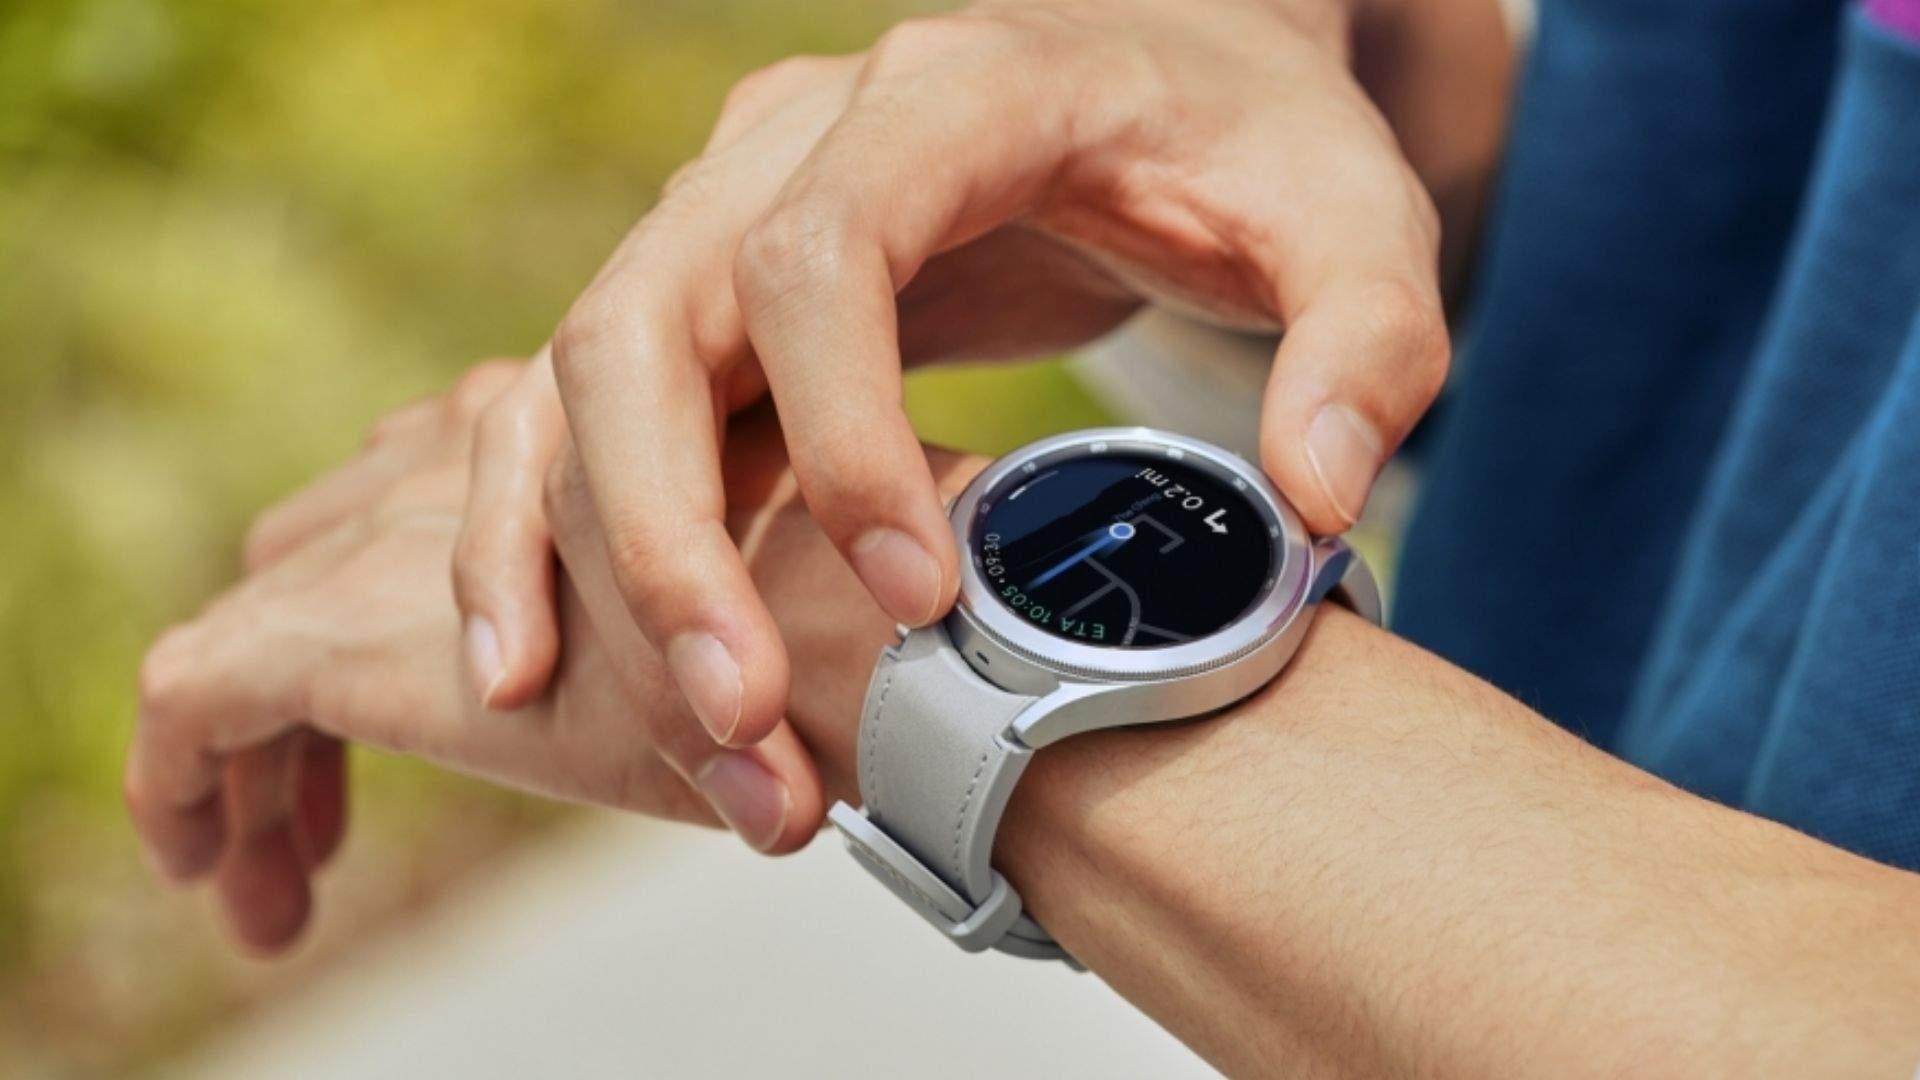 Pessoa com o Galaxy Watch 4 no pulso usando a outra mão para ajustar a coroa